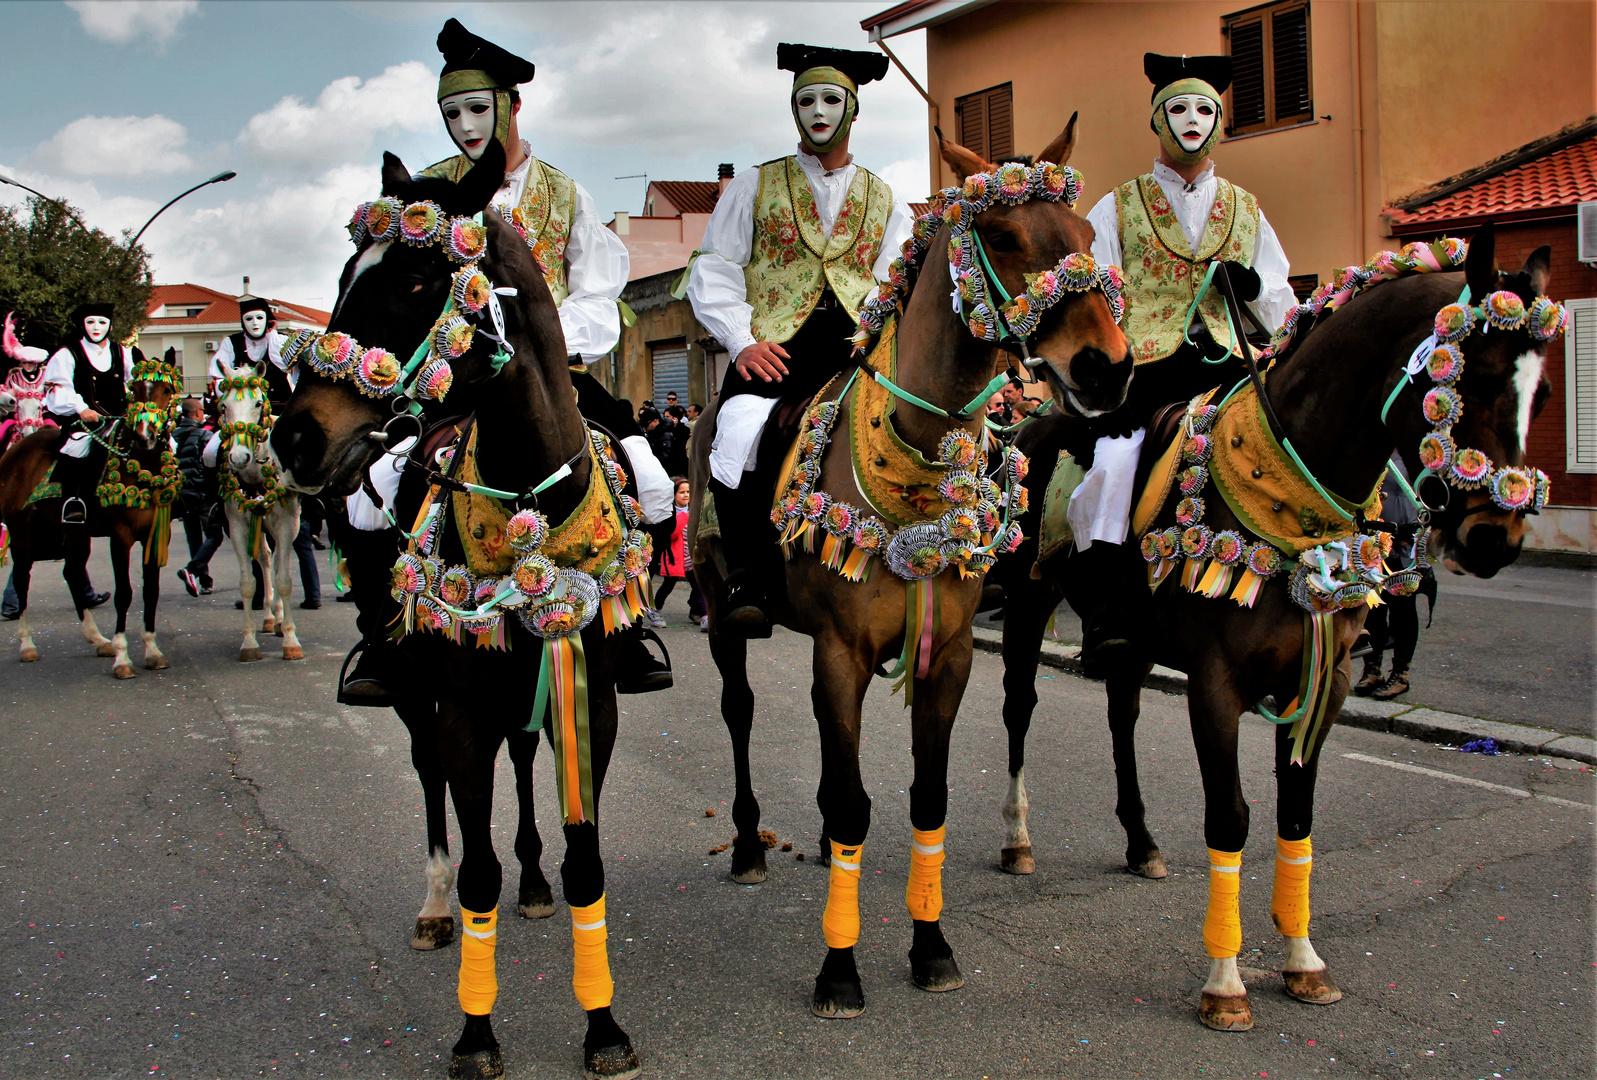 Carnavale della Sardegna  4